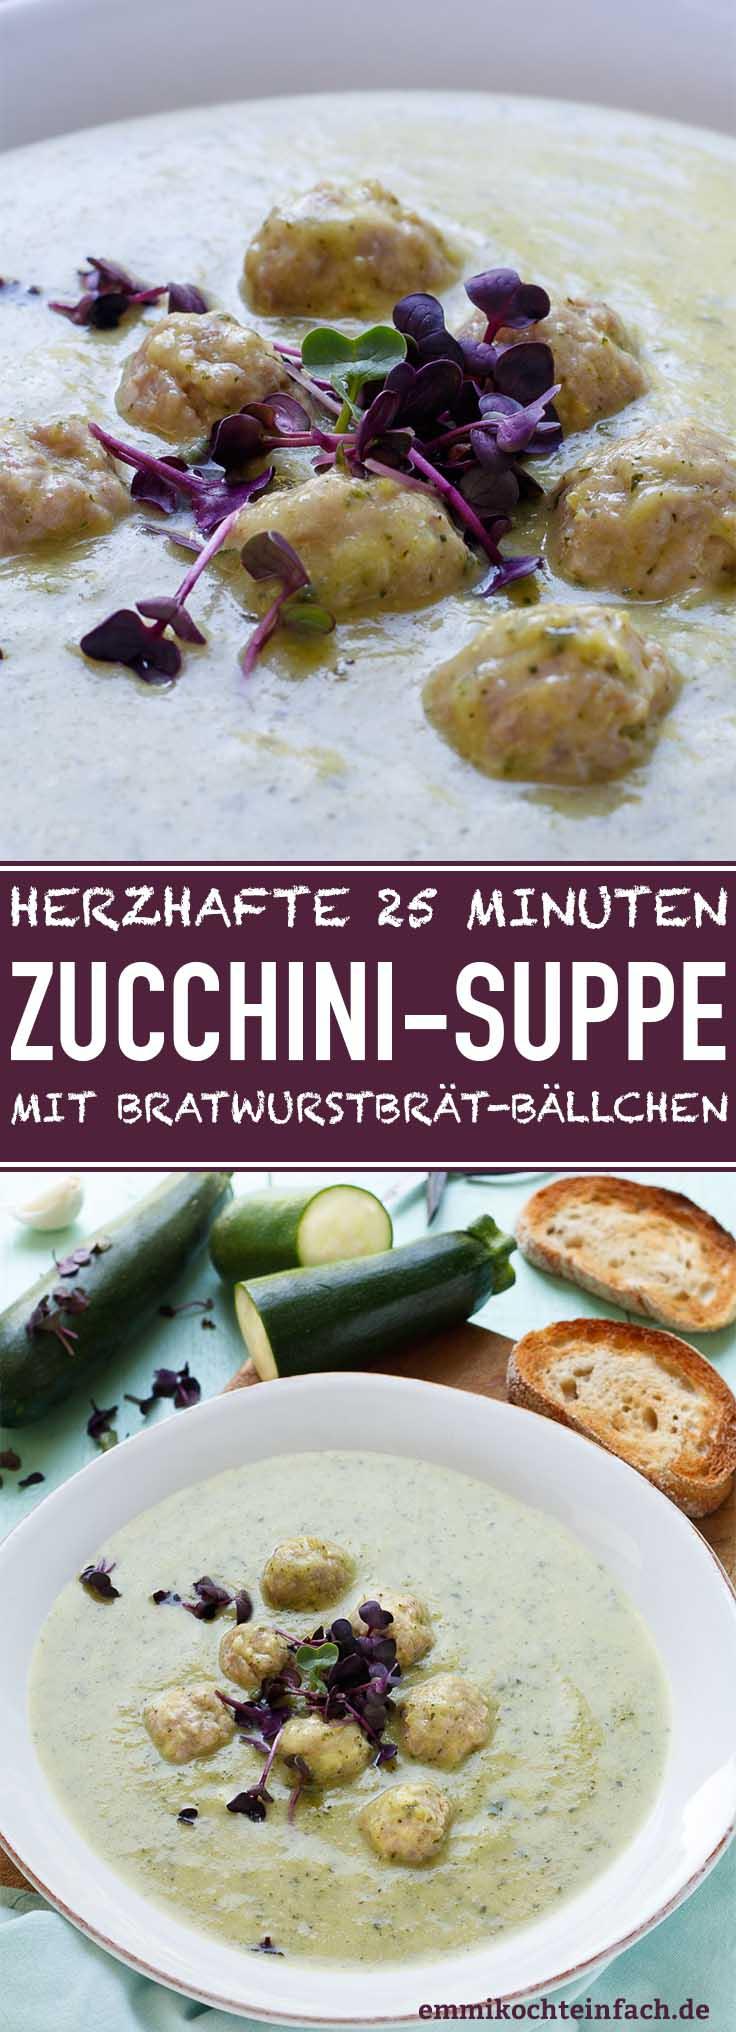 Zucchinisuppe mit Bratwurstbrät-Bällchen - www.emmikochteinfach.de